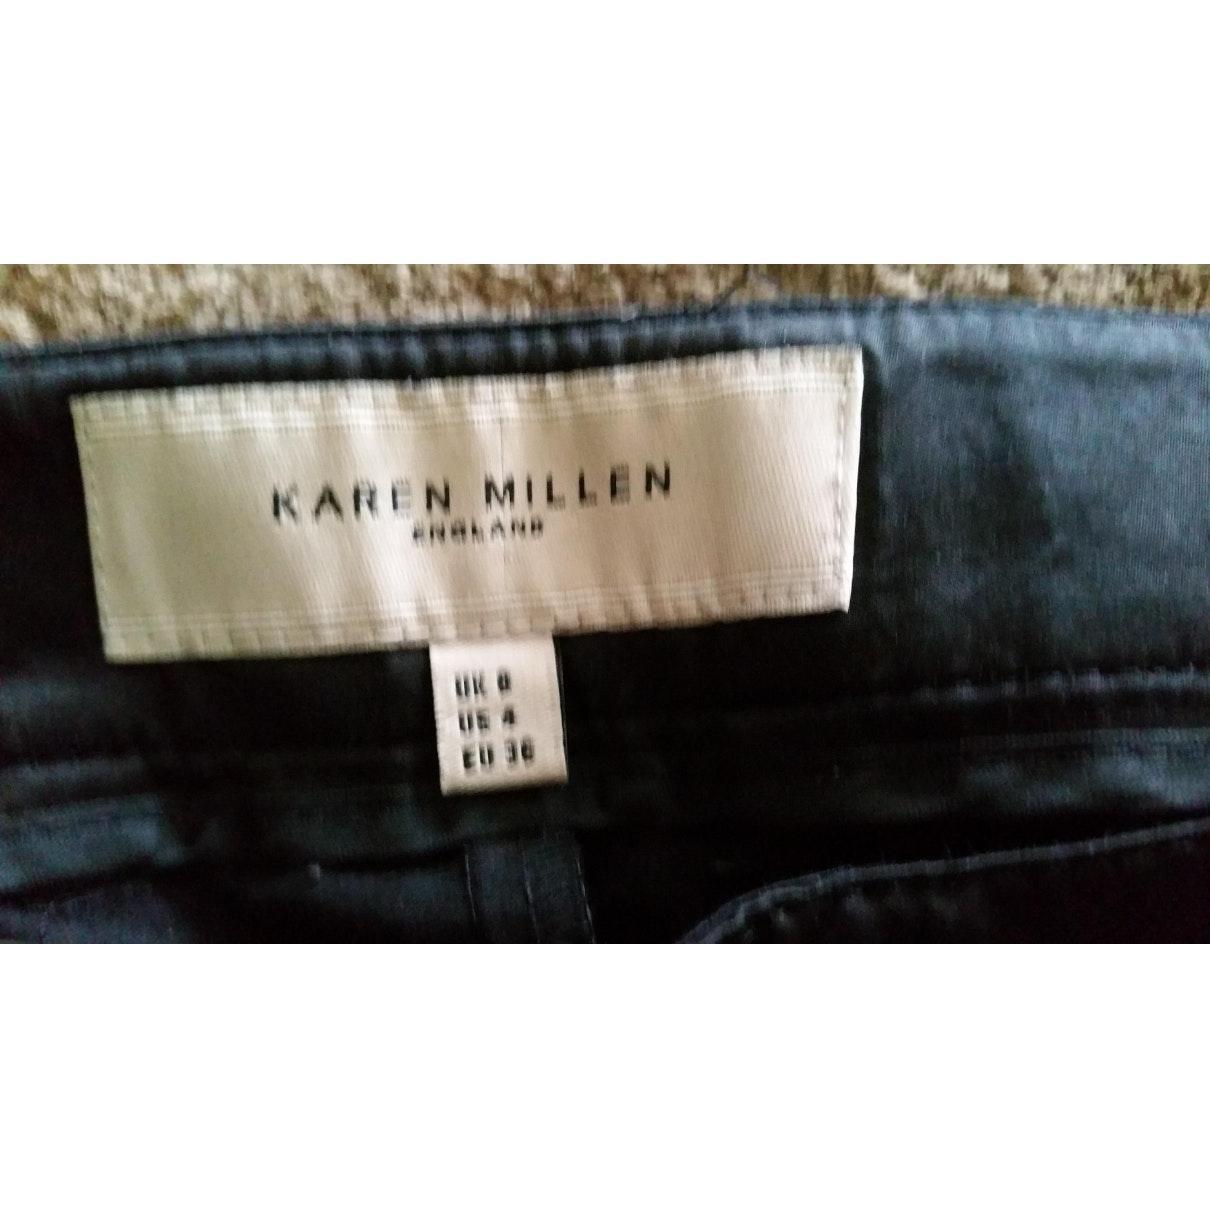 Pantalones en algodón negro N Karen Millen de Algodón de color Negro